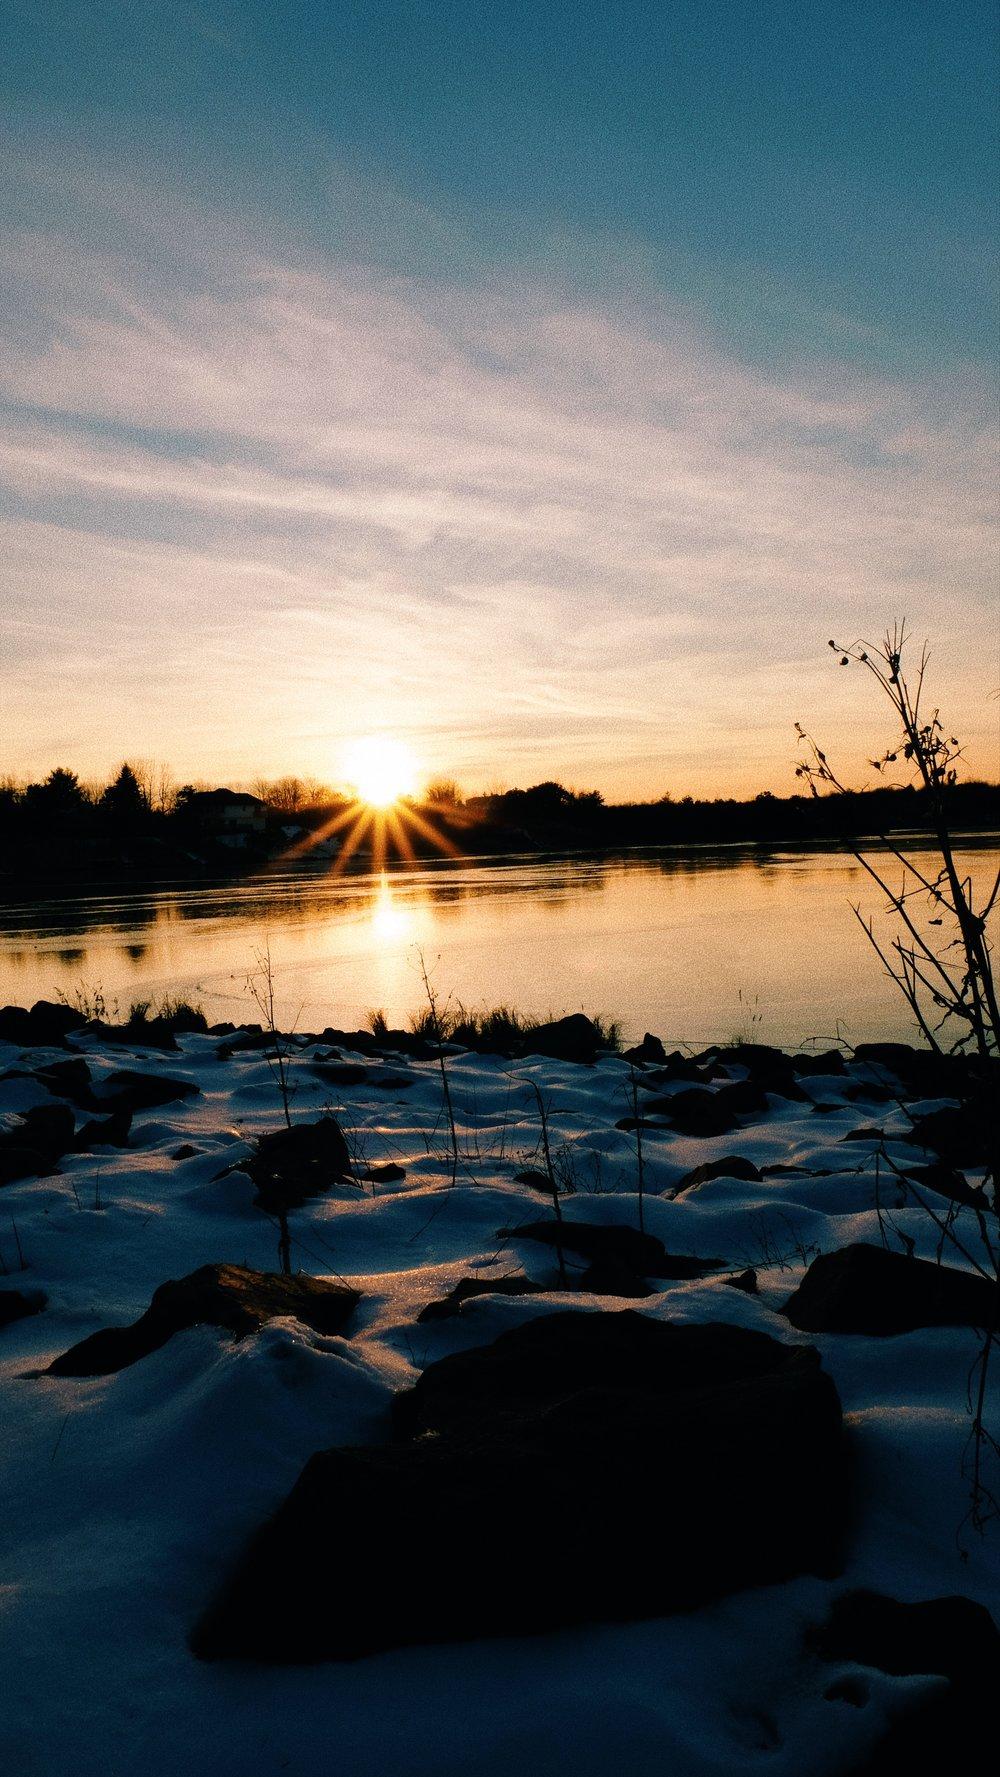 golden-hour-sun-lake-rocks-snow.JPG